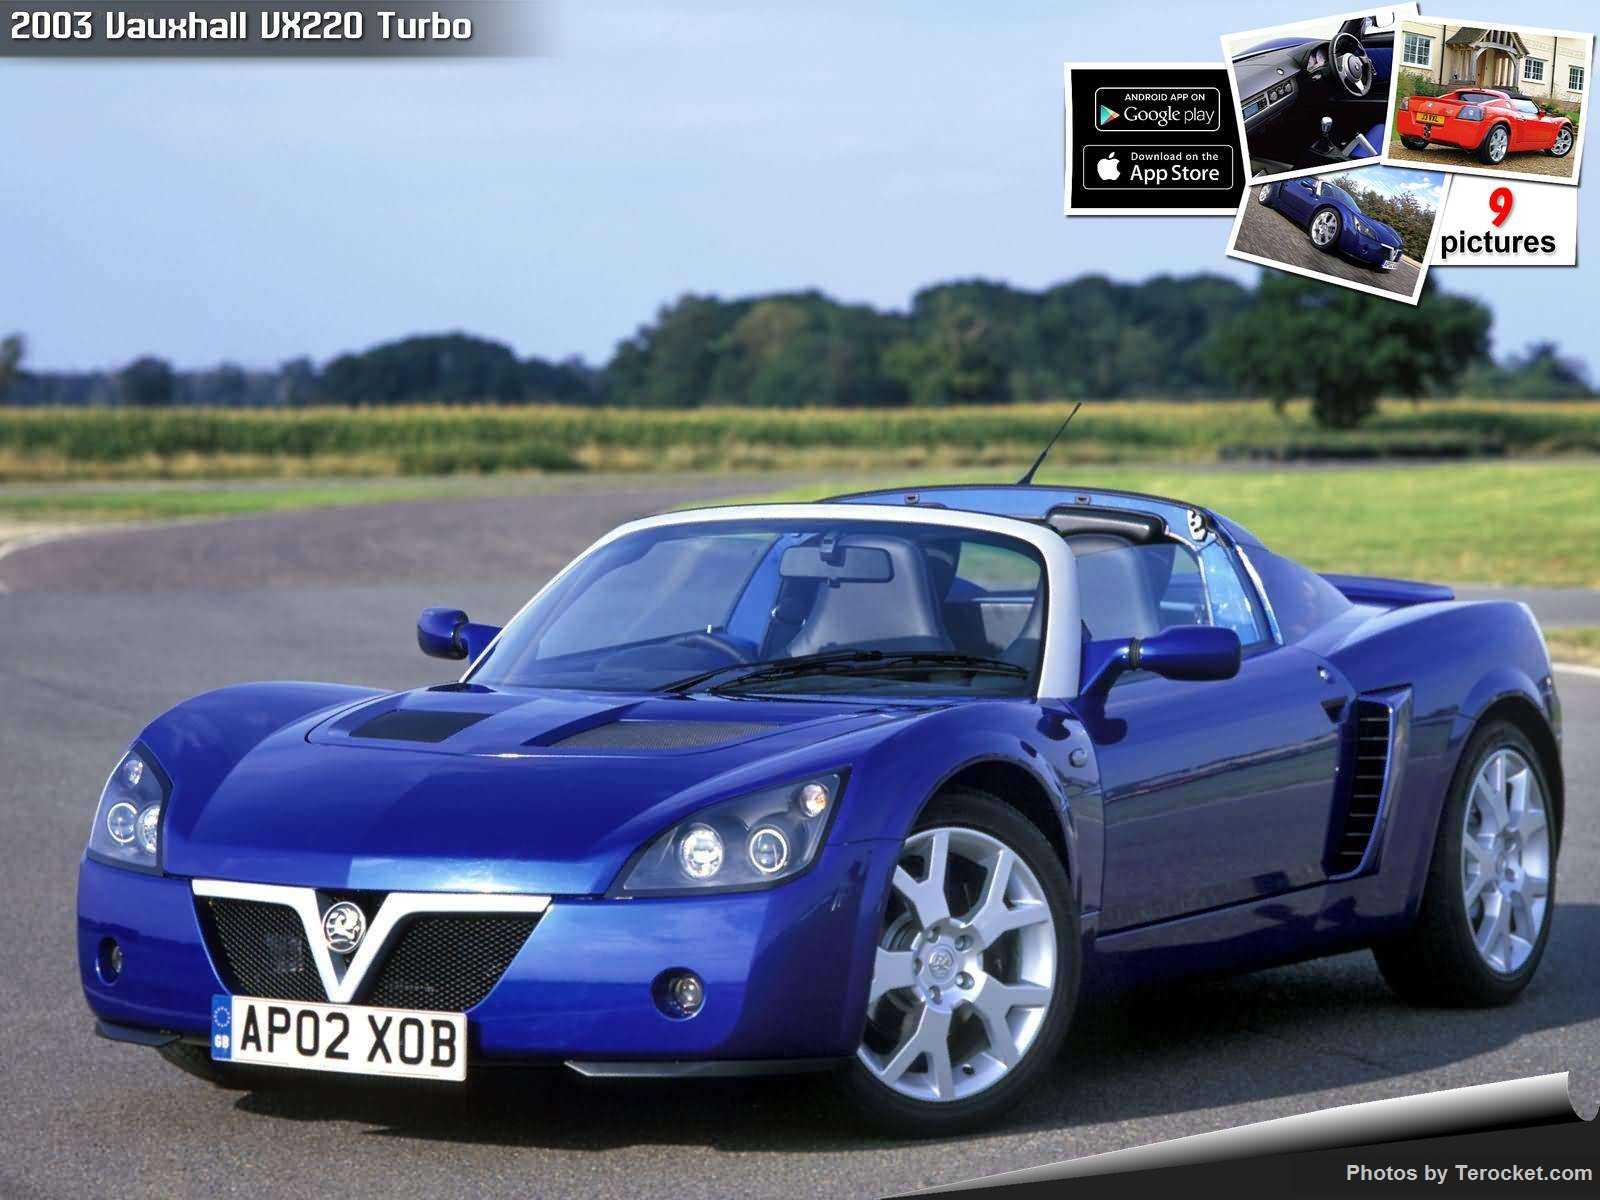 Hình ảnh xe ô tô Vauxhall VX220 Turbo 2003 & nội ngoại thất